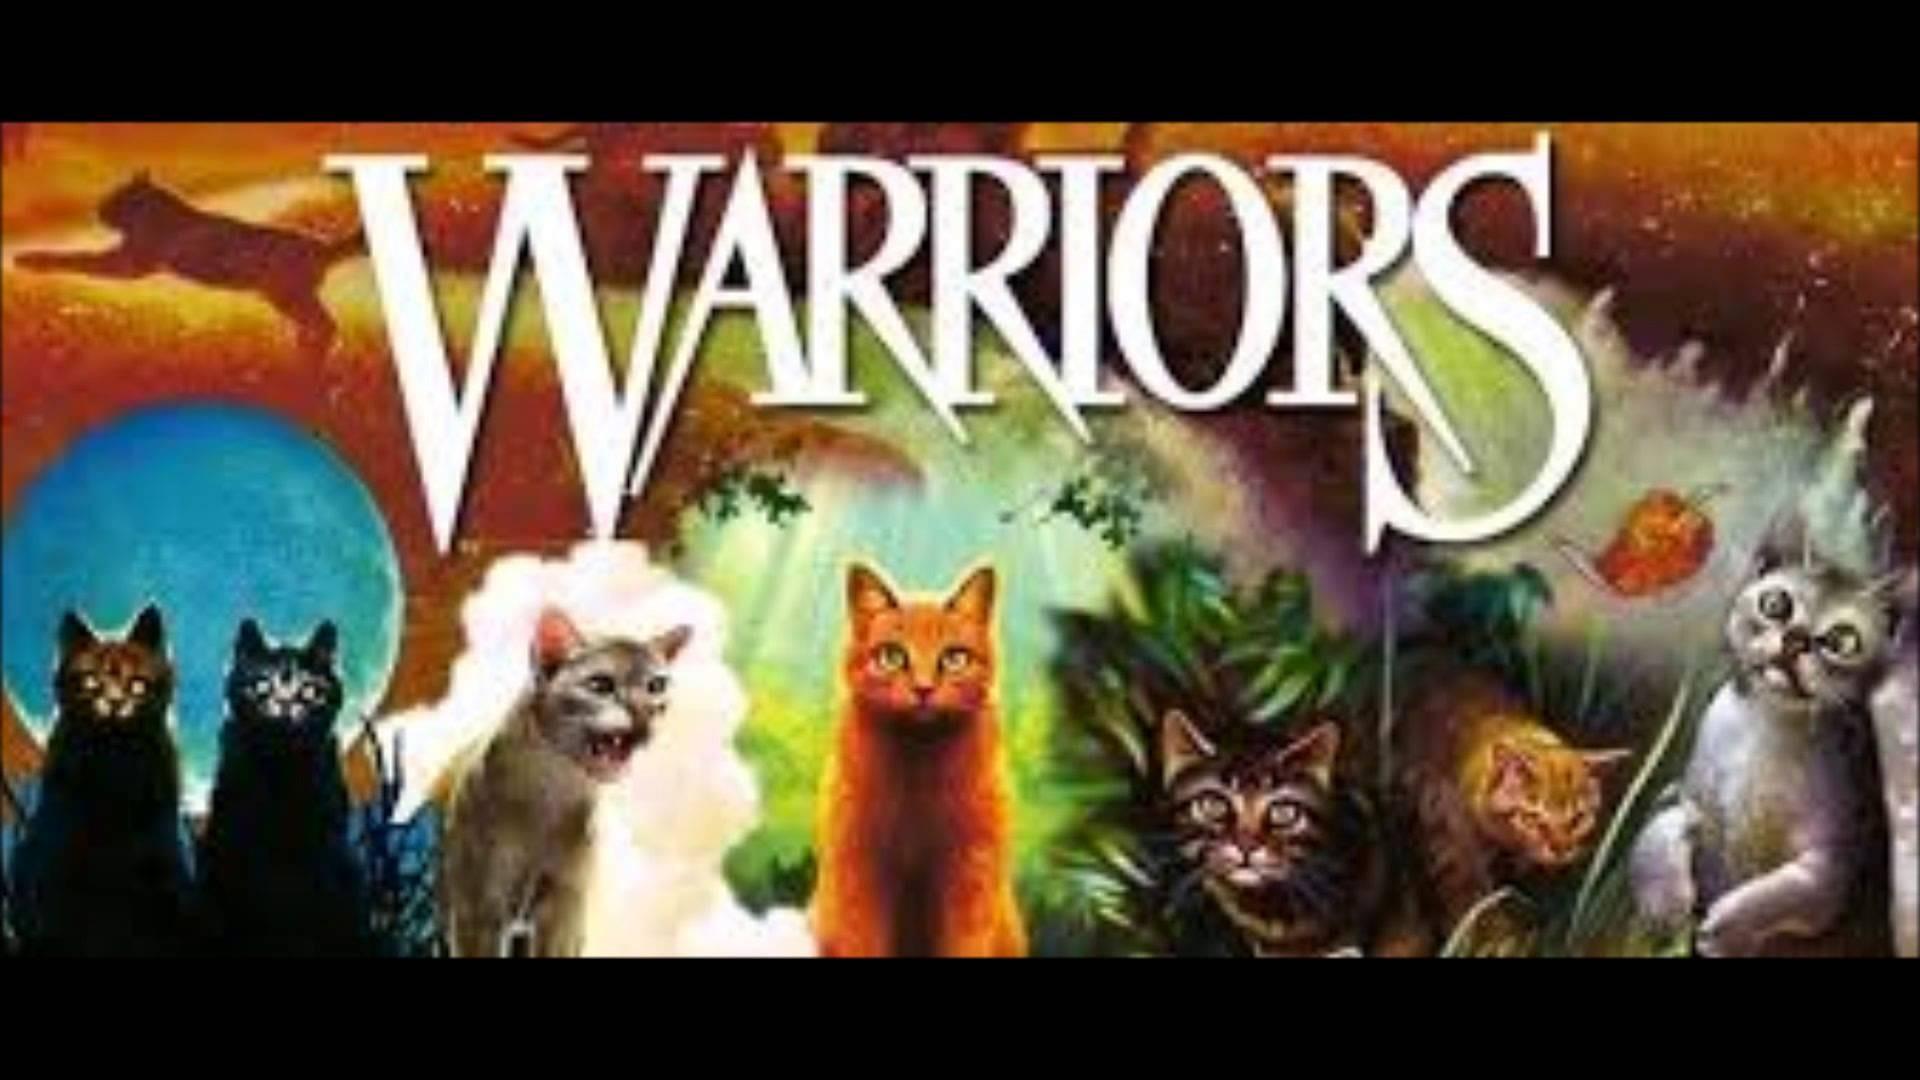 Warrior cats wallpaper